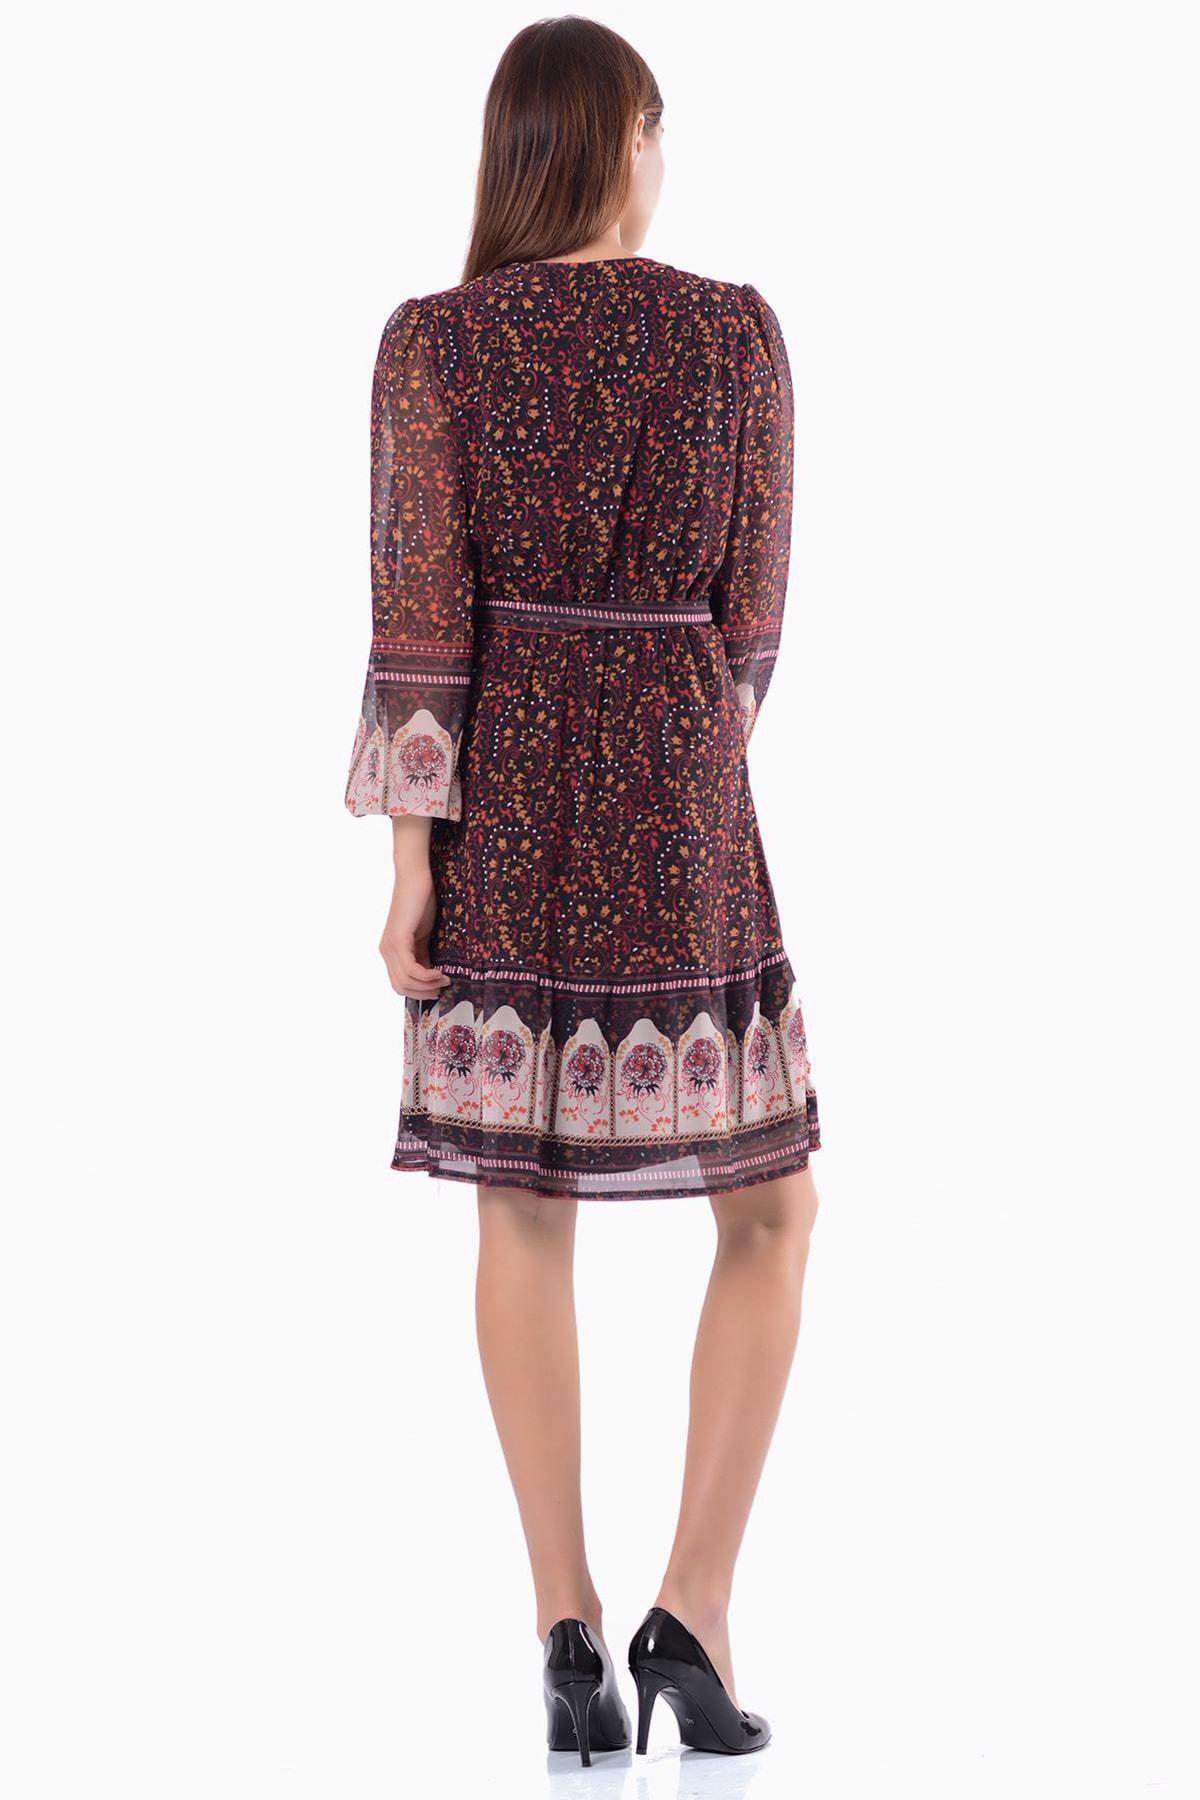 İroni Kadın Siyah & Desenli Kruvaze  Elbise 5301-1333 2